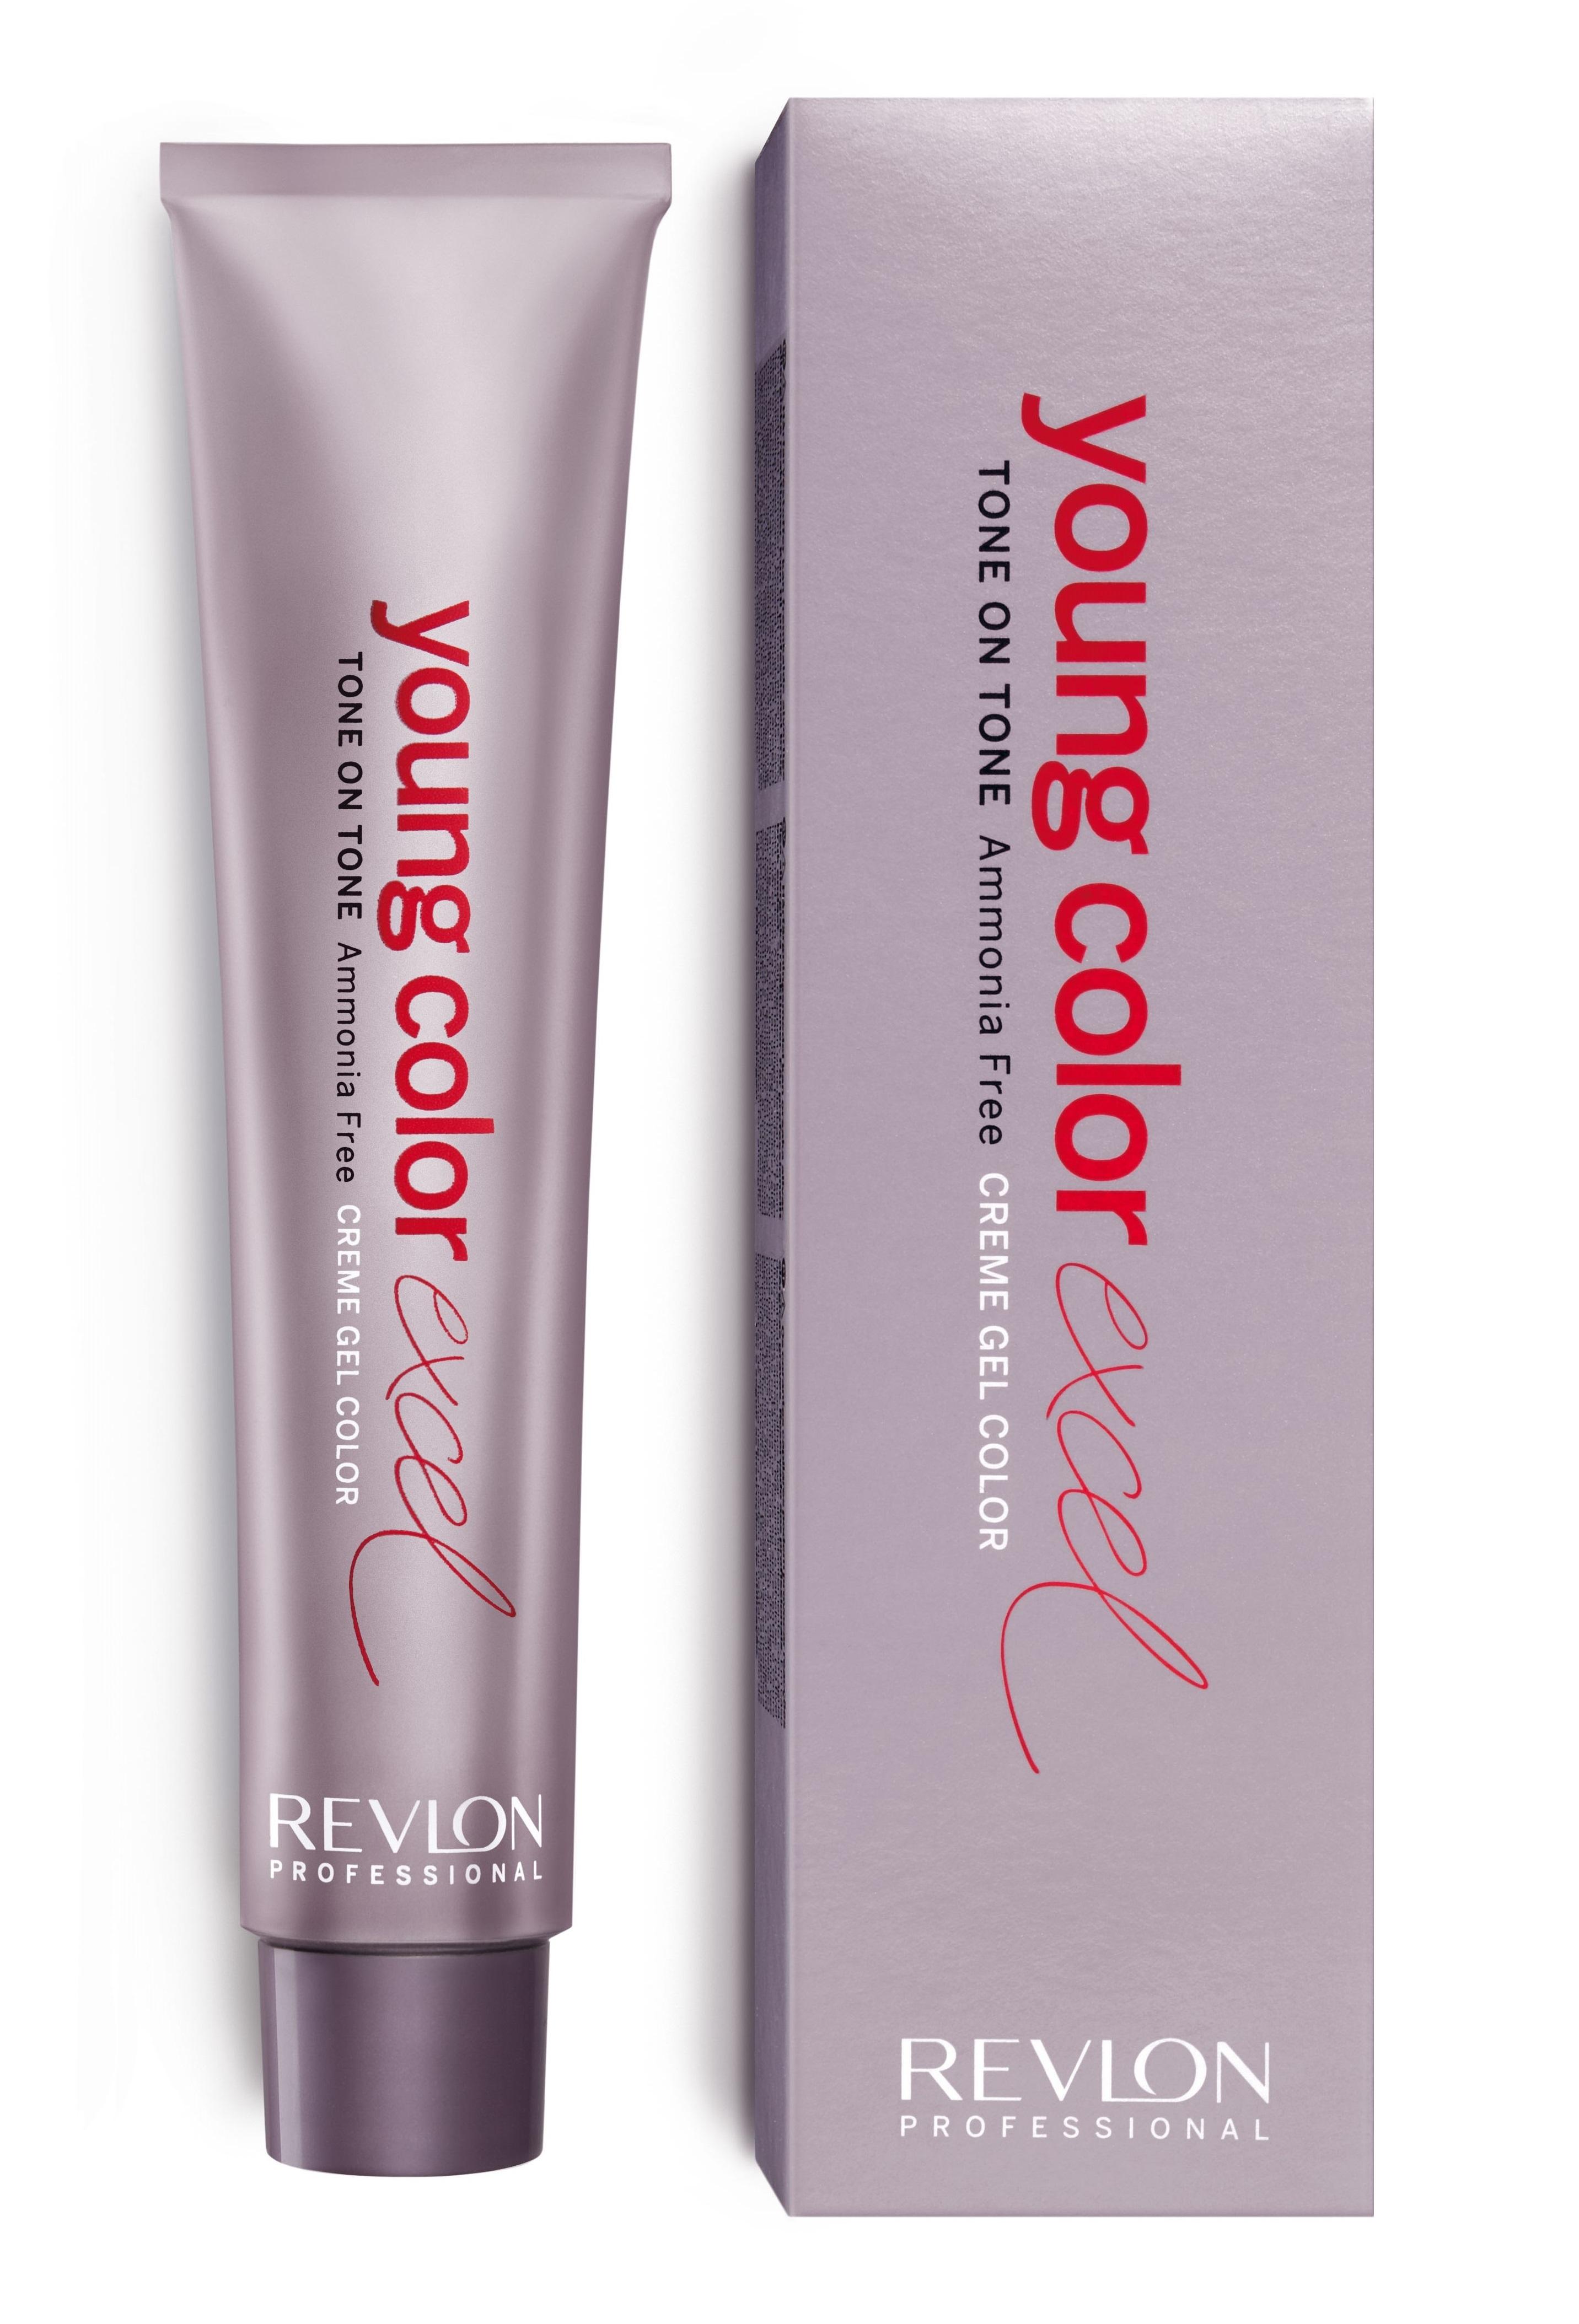 REVLON 7-34 крем-гель полуперманентный, светлый ореховый / YOUNG COLOR EXCEL 70млКраски<br>Мягкий безаммиачный крем-гель. Интенсивный цвет. Исключительная мягкость и сияние. Регулировка интенсивности окрашивания. Естественное окрашивание является результатом идеального баланса между ультра мягкой формулой, интенсивностью ее цветов и универсальностью, который обеспечивается активными веществами. Содержит косметические активные ингредиенты, максимально оберегает и защищает волосы, делая их сияющими и мягкими. Интенсивность окрашивания: богатые естественные оттенки для любой базы, натуральные, теплые, холодные или очень насыщенные тона. Оптимальное и эффективное покрытие для достижения эстетического натурального цвета волос. Инновационная технология длительной стойкости цвета Активные ингредиенты: морской коллаген, протеины пшеницы, катионные полимеры, жидкие кристаллы. Способ применения: пропорция смешивания с активатором: (1:2) 35 мл краски + 70 мл активатора. Требуемое количество: для корней и коротких волос 1/2 тюбика; для длинных волос 1 тюбик. Наносить смесь при помощи аппликатора или кисти. Время выдержки: при первом применении на натуральные волосы 20 минут (на сухие волосы); при подкрашивании корней для освежения цвета по длине15-20 минут (на сухие волосы); чувствительные или пористые волосы 5-15 минут (на влажные волосы); до 30% седых волос 30 минут (на сухие волосы). После окончания времени выдержки красителя на волосах ополосните и вымойте их шампунем Post Color Shampoo.<br><br>Пол: Женский<br>Класс косметики: Профессиональная<br>Типы волос: Для всех типов